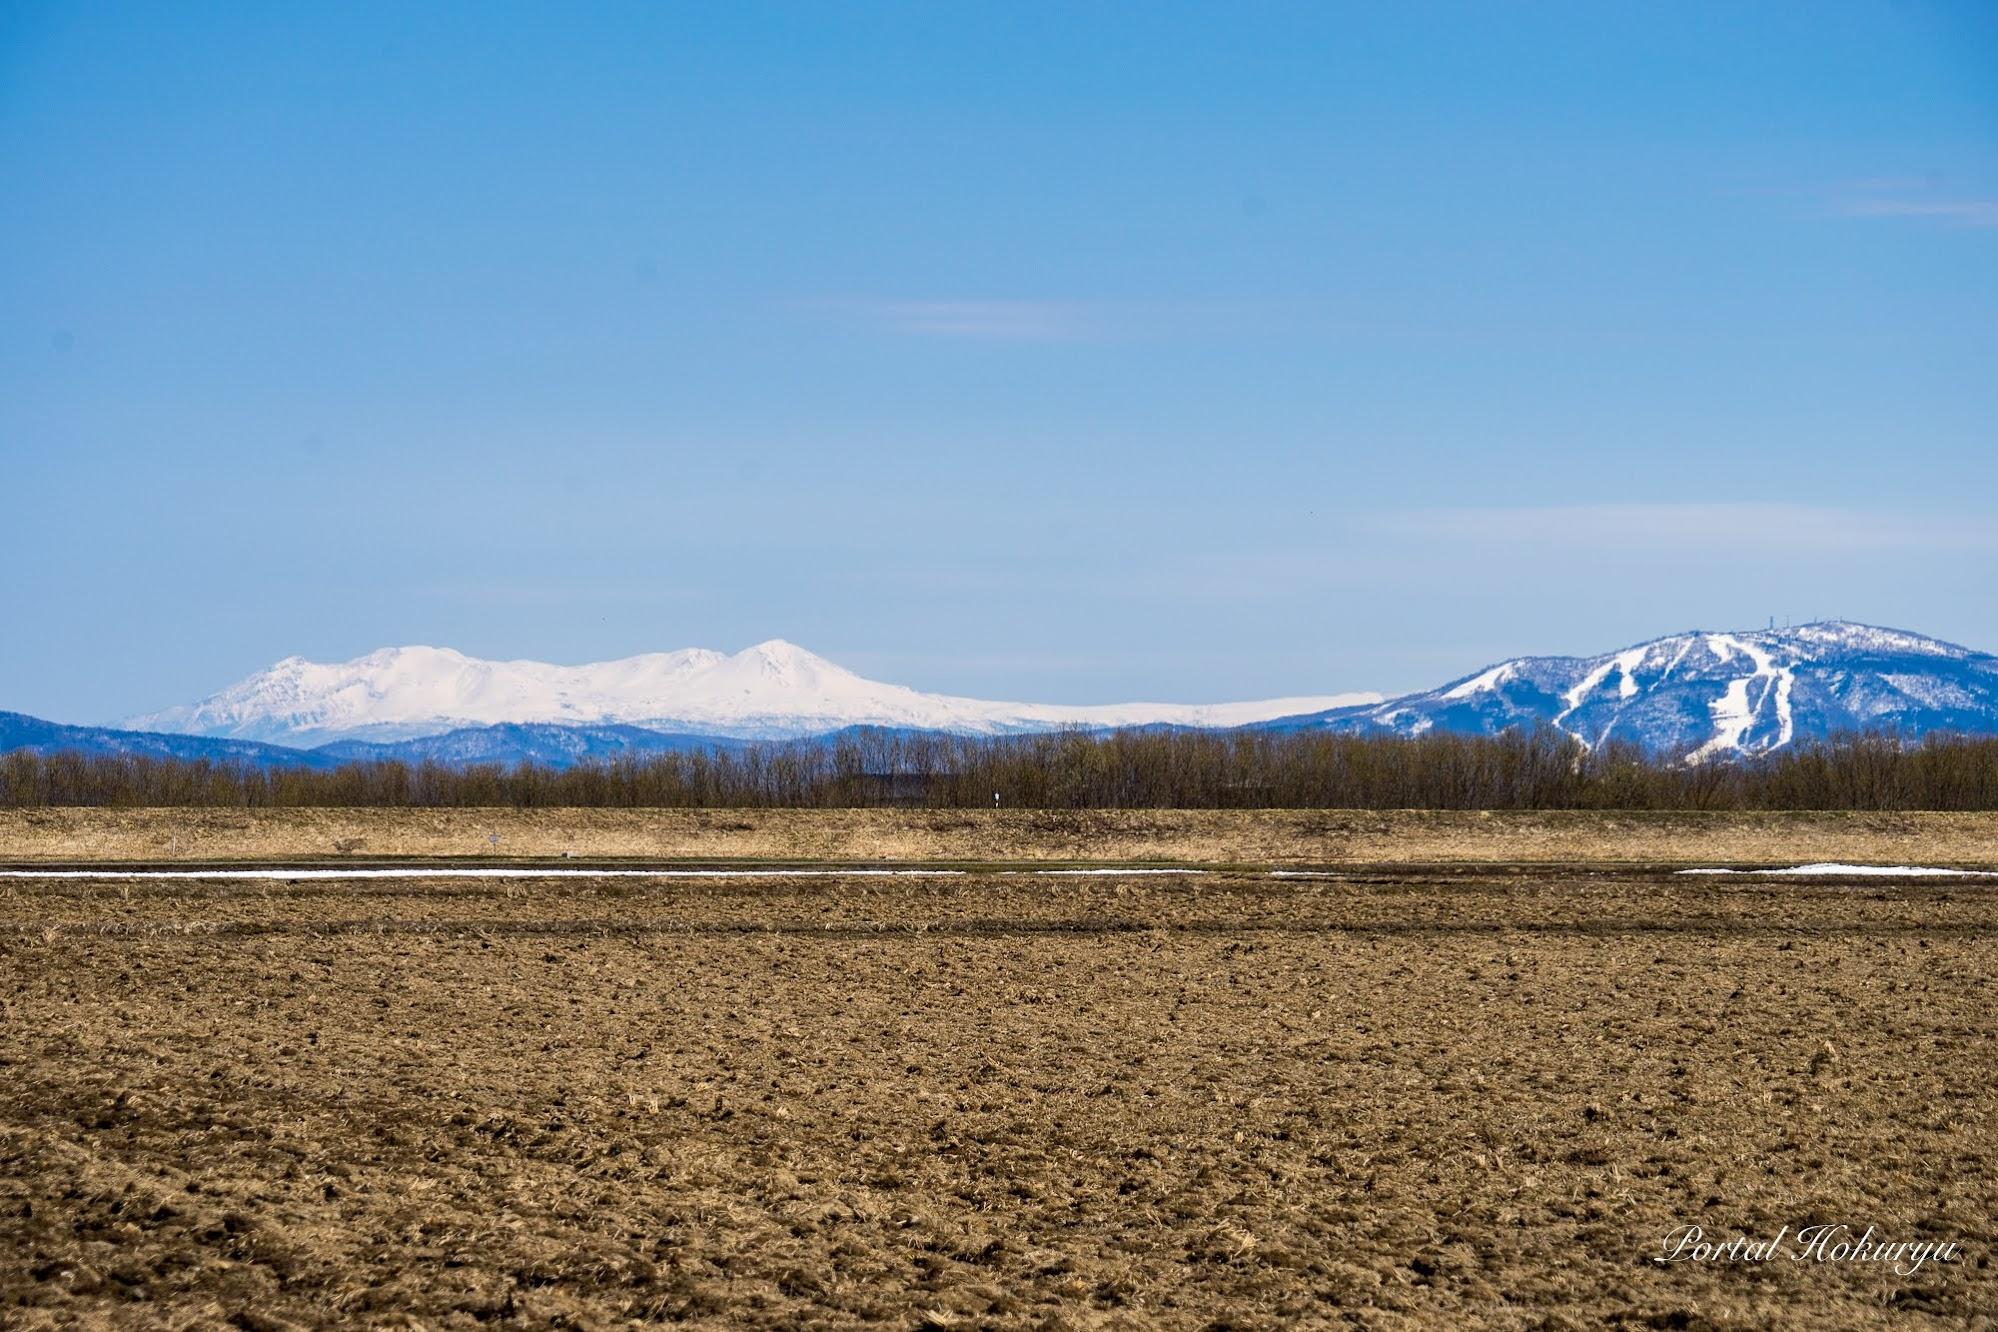 浮かび上がる大雪山連峰